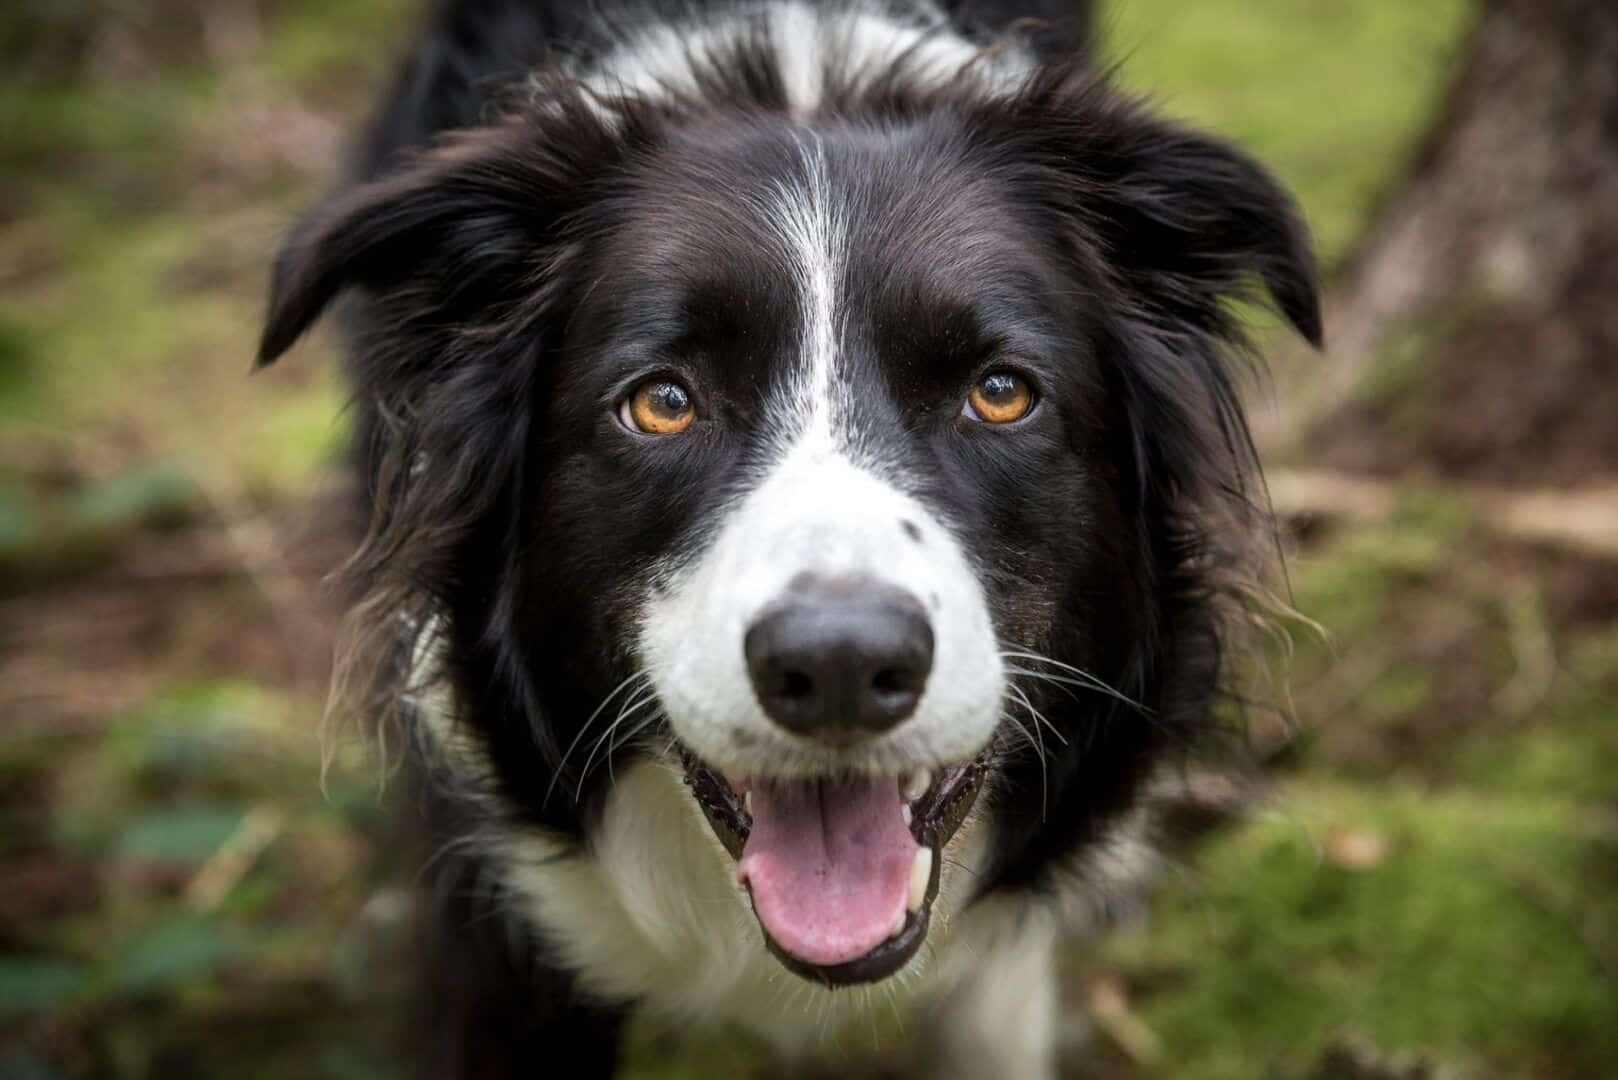 Raças de cachorro mais inteligentes - 10 destaques de inteligência canina